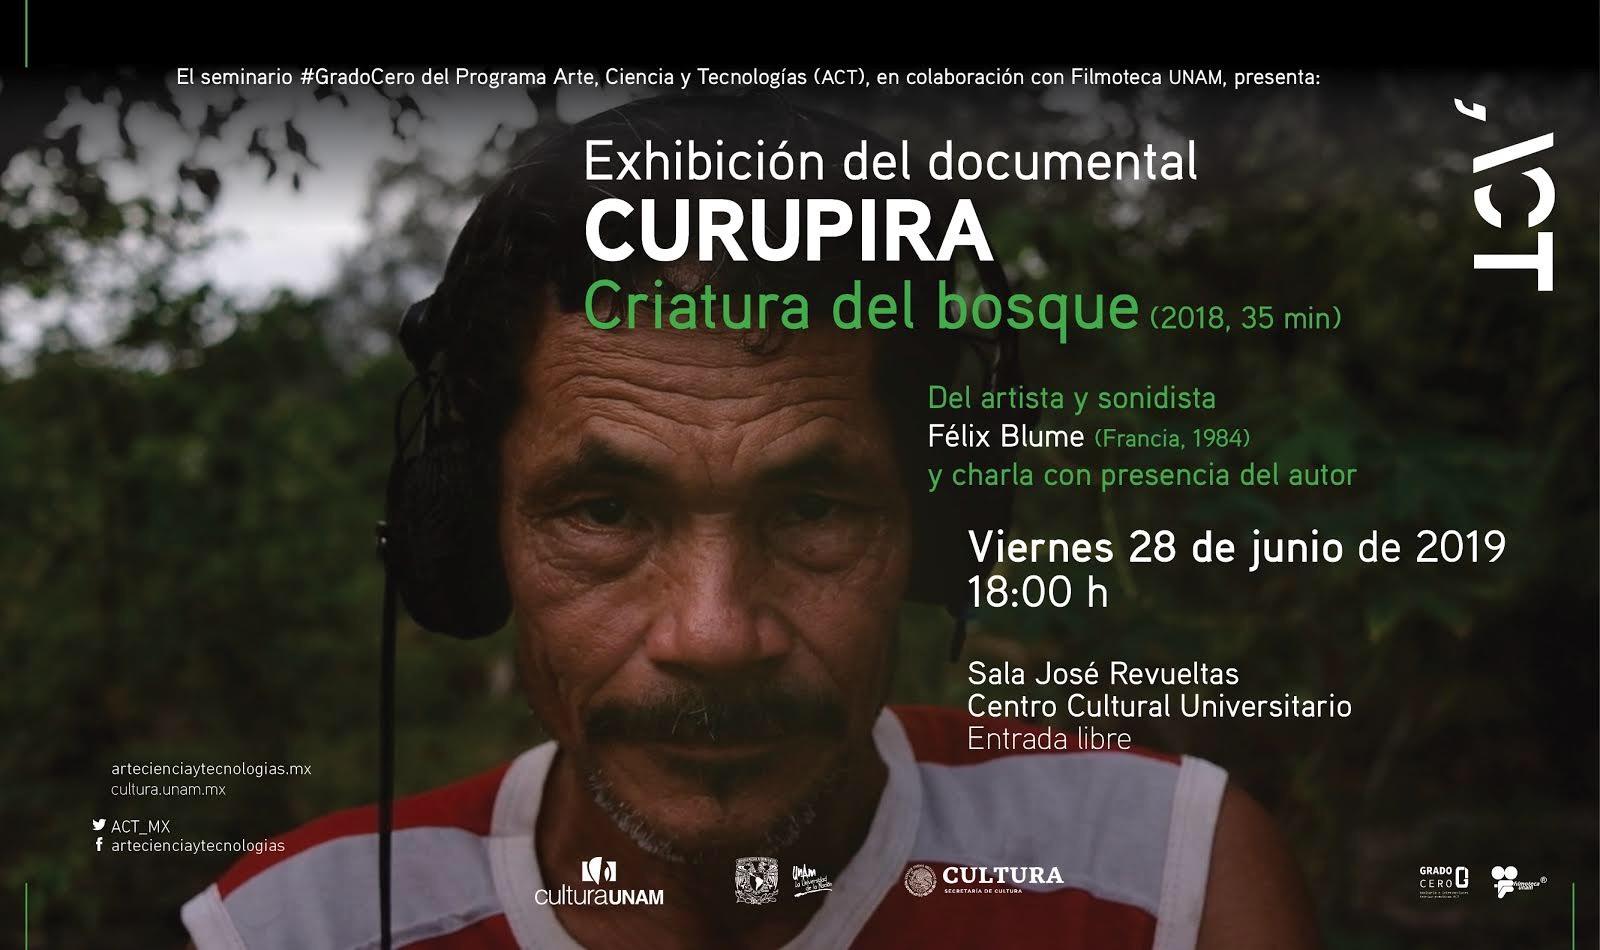 Grado Cero: Exhibición del documental Curupira, criatura del bosque y charla con el autor, Félix Blume